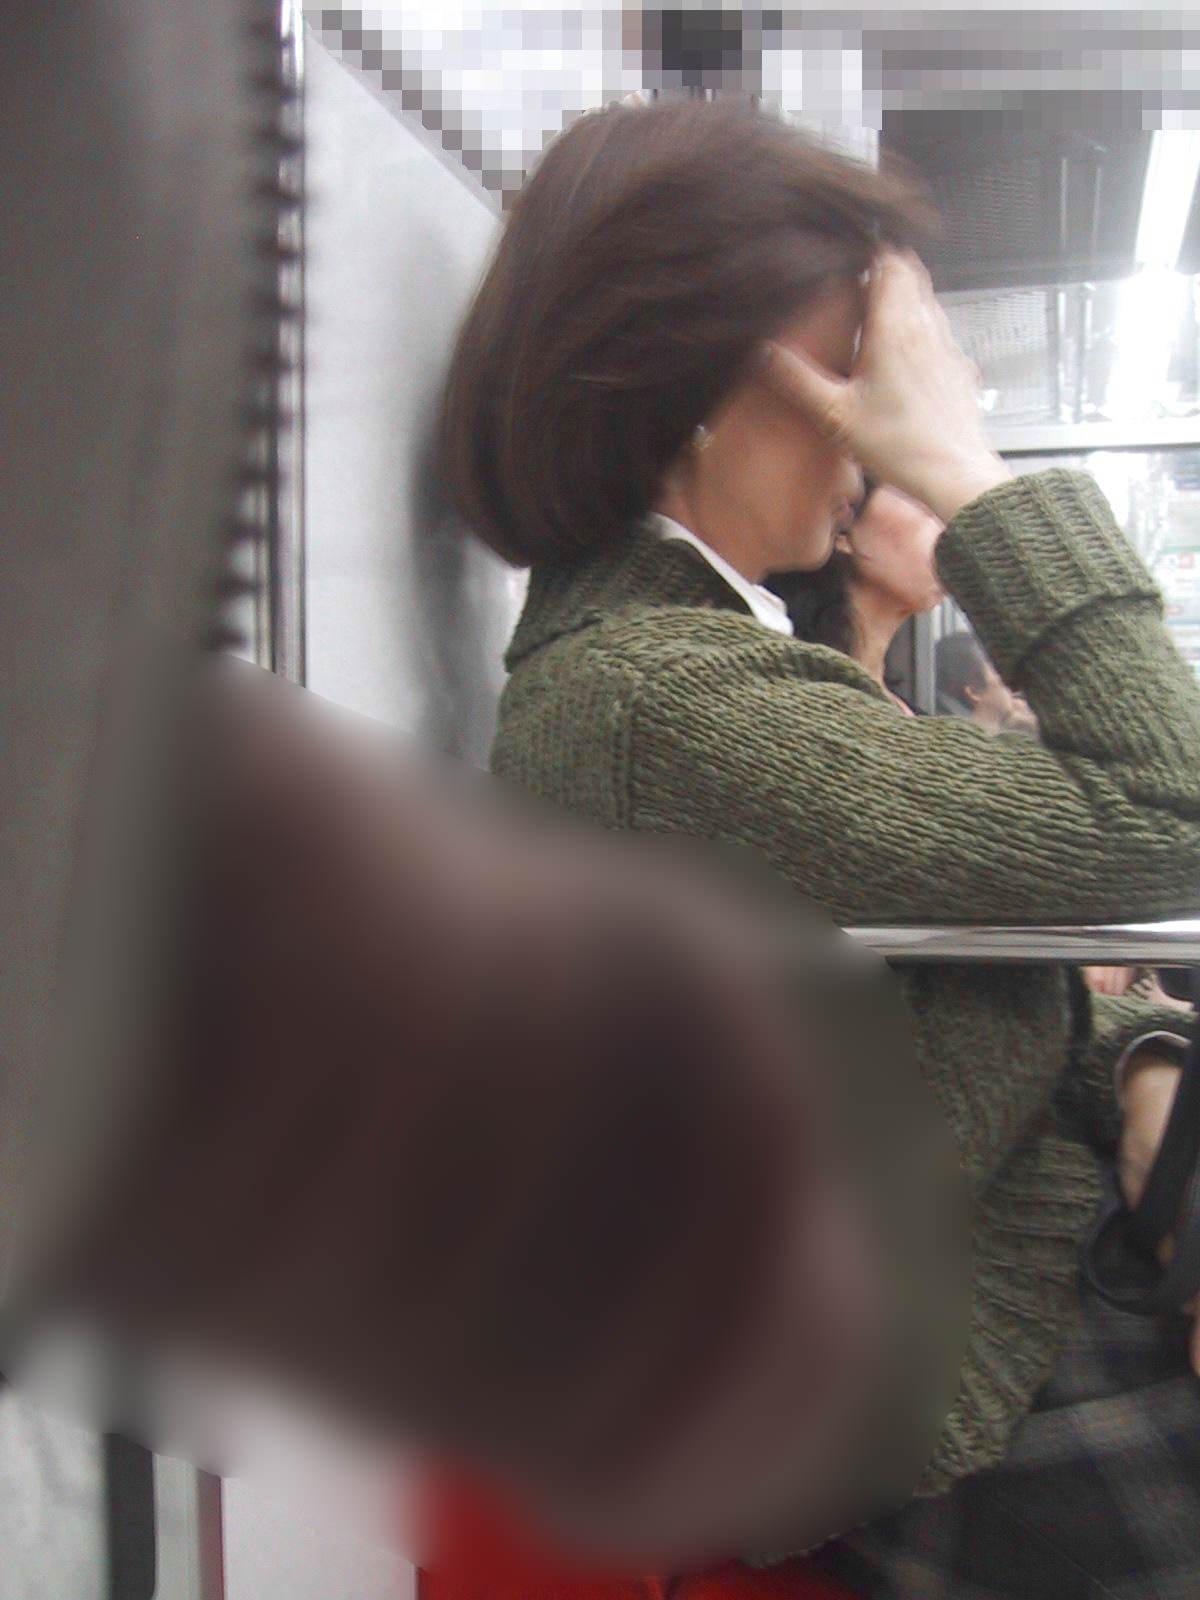 電車でちんこ出して痴漢するガチでヤバい奴現るwwwwwwwwww 0667